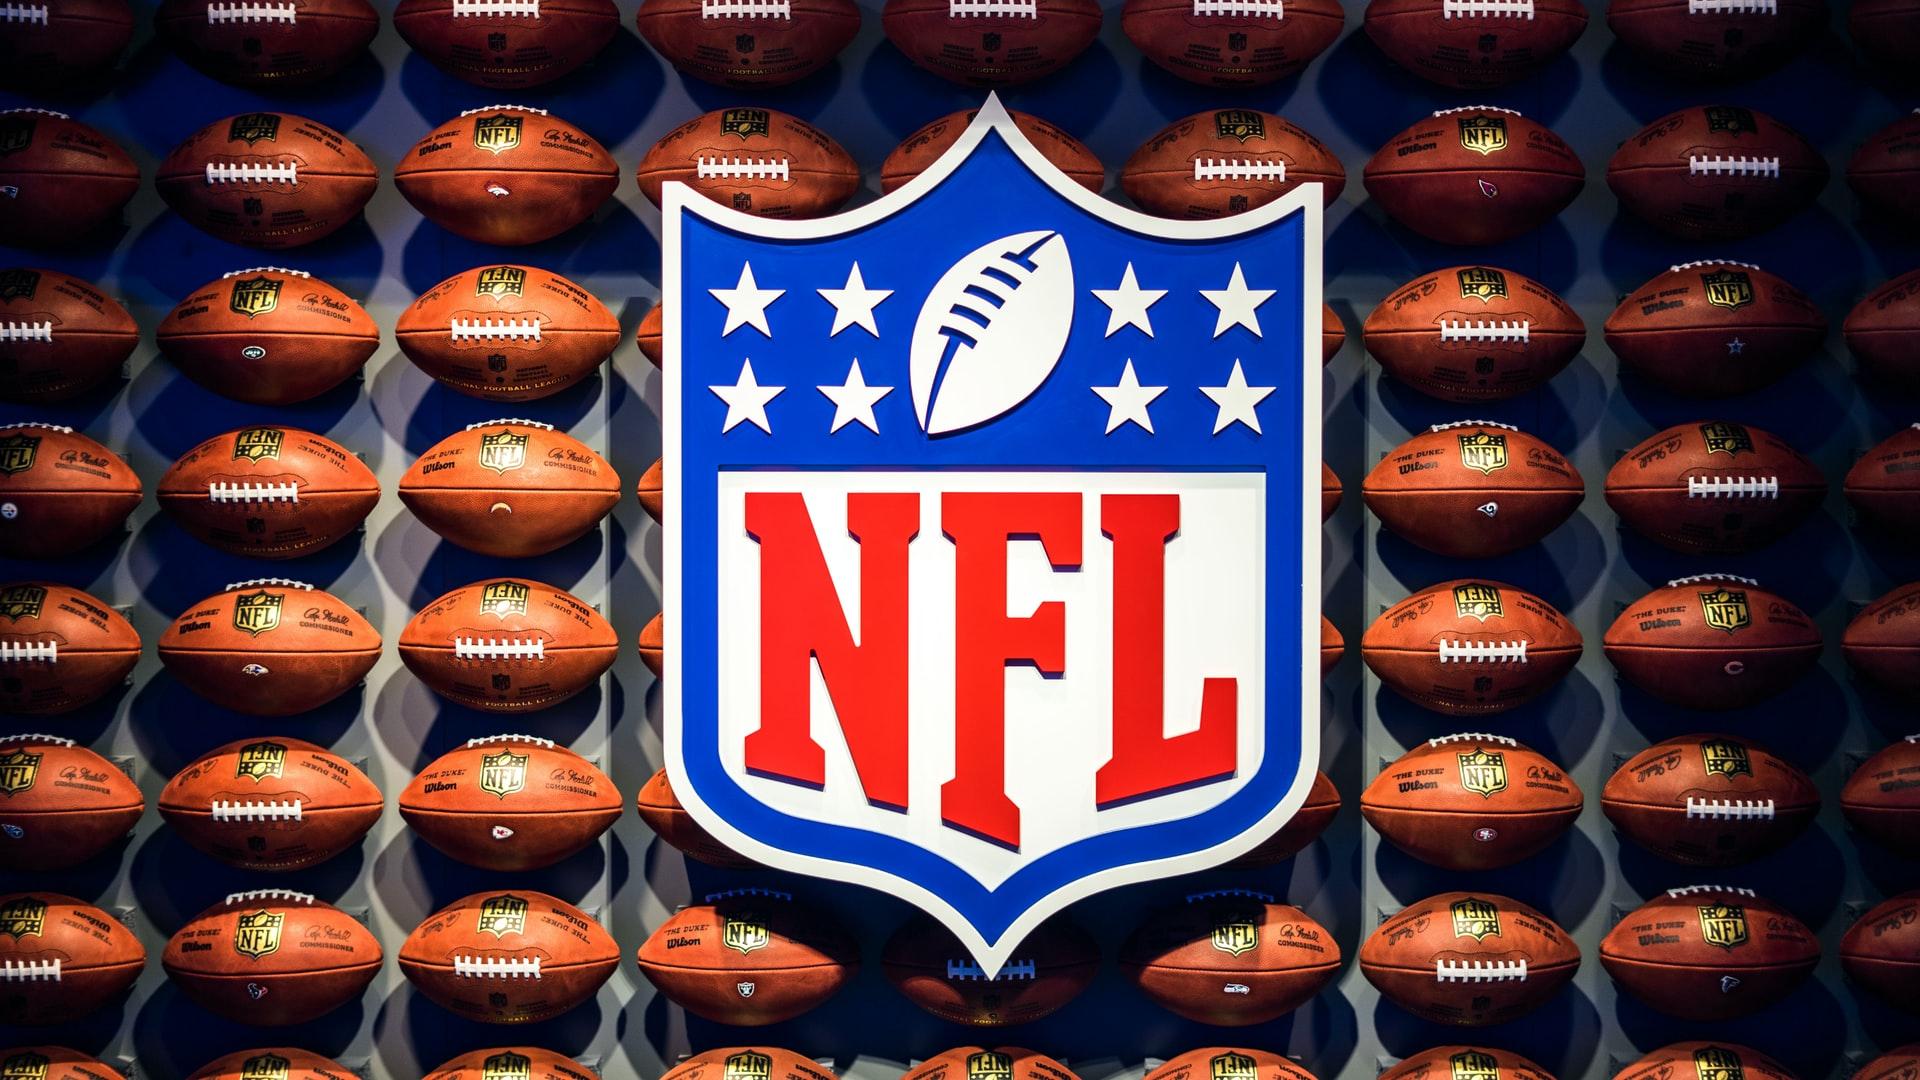 Equipos de fútbol americano de la NFL no podrán por el momento firmar acuerdos de patrocinio con empresas de criptomonedas ni lanzar sus propios NFT